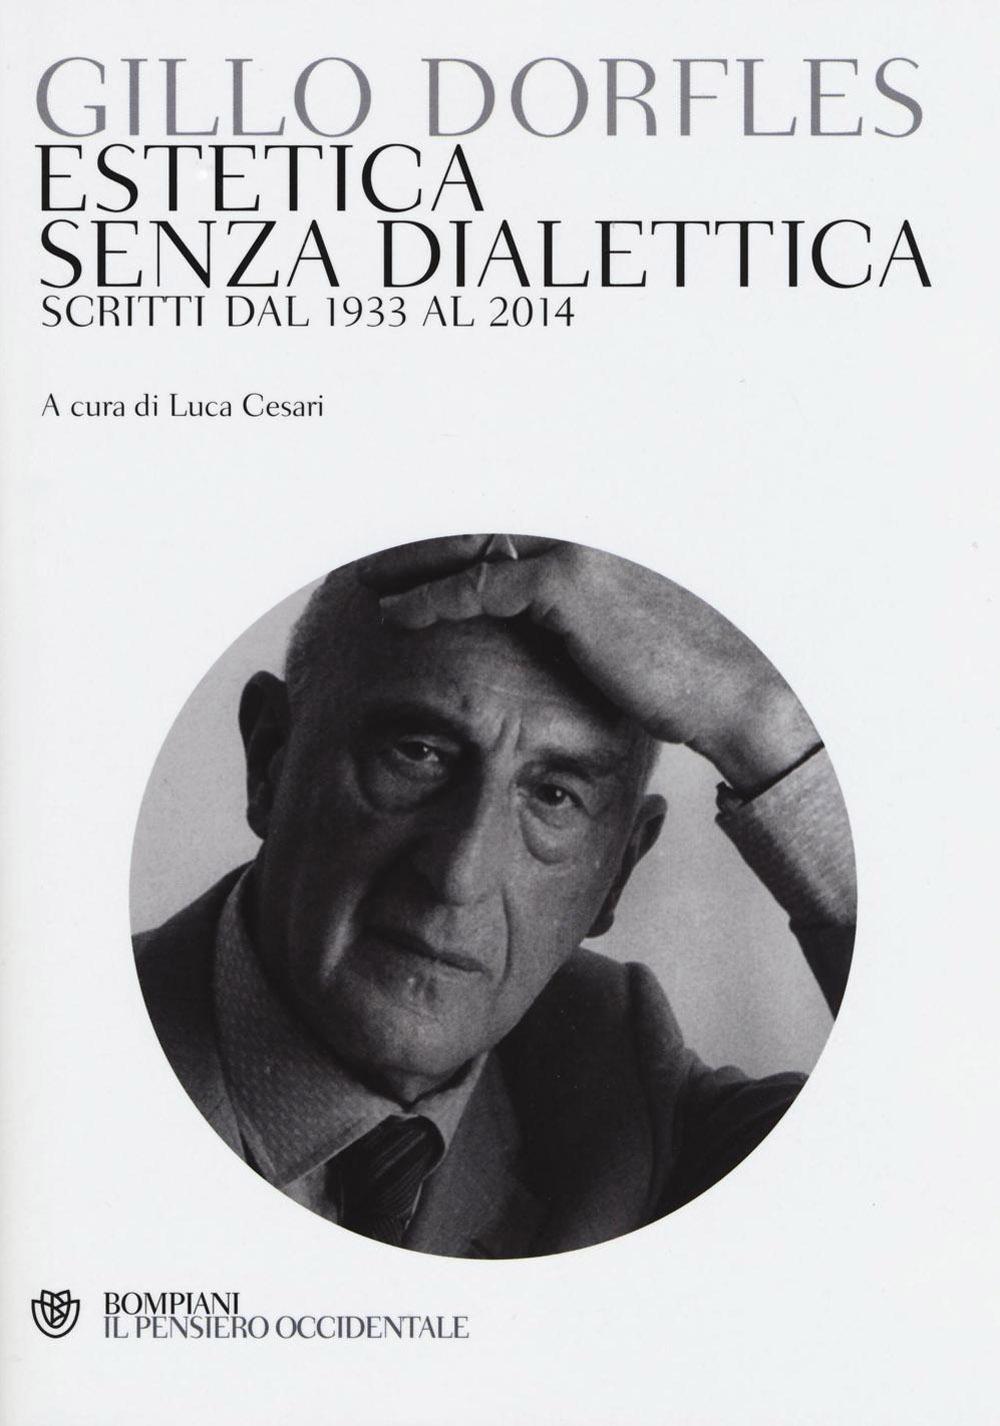 Estetica senza dialettica. Scritti dal 1933 al 2014